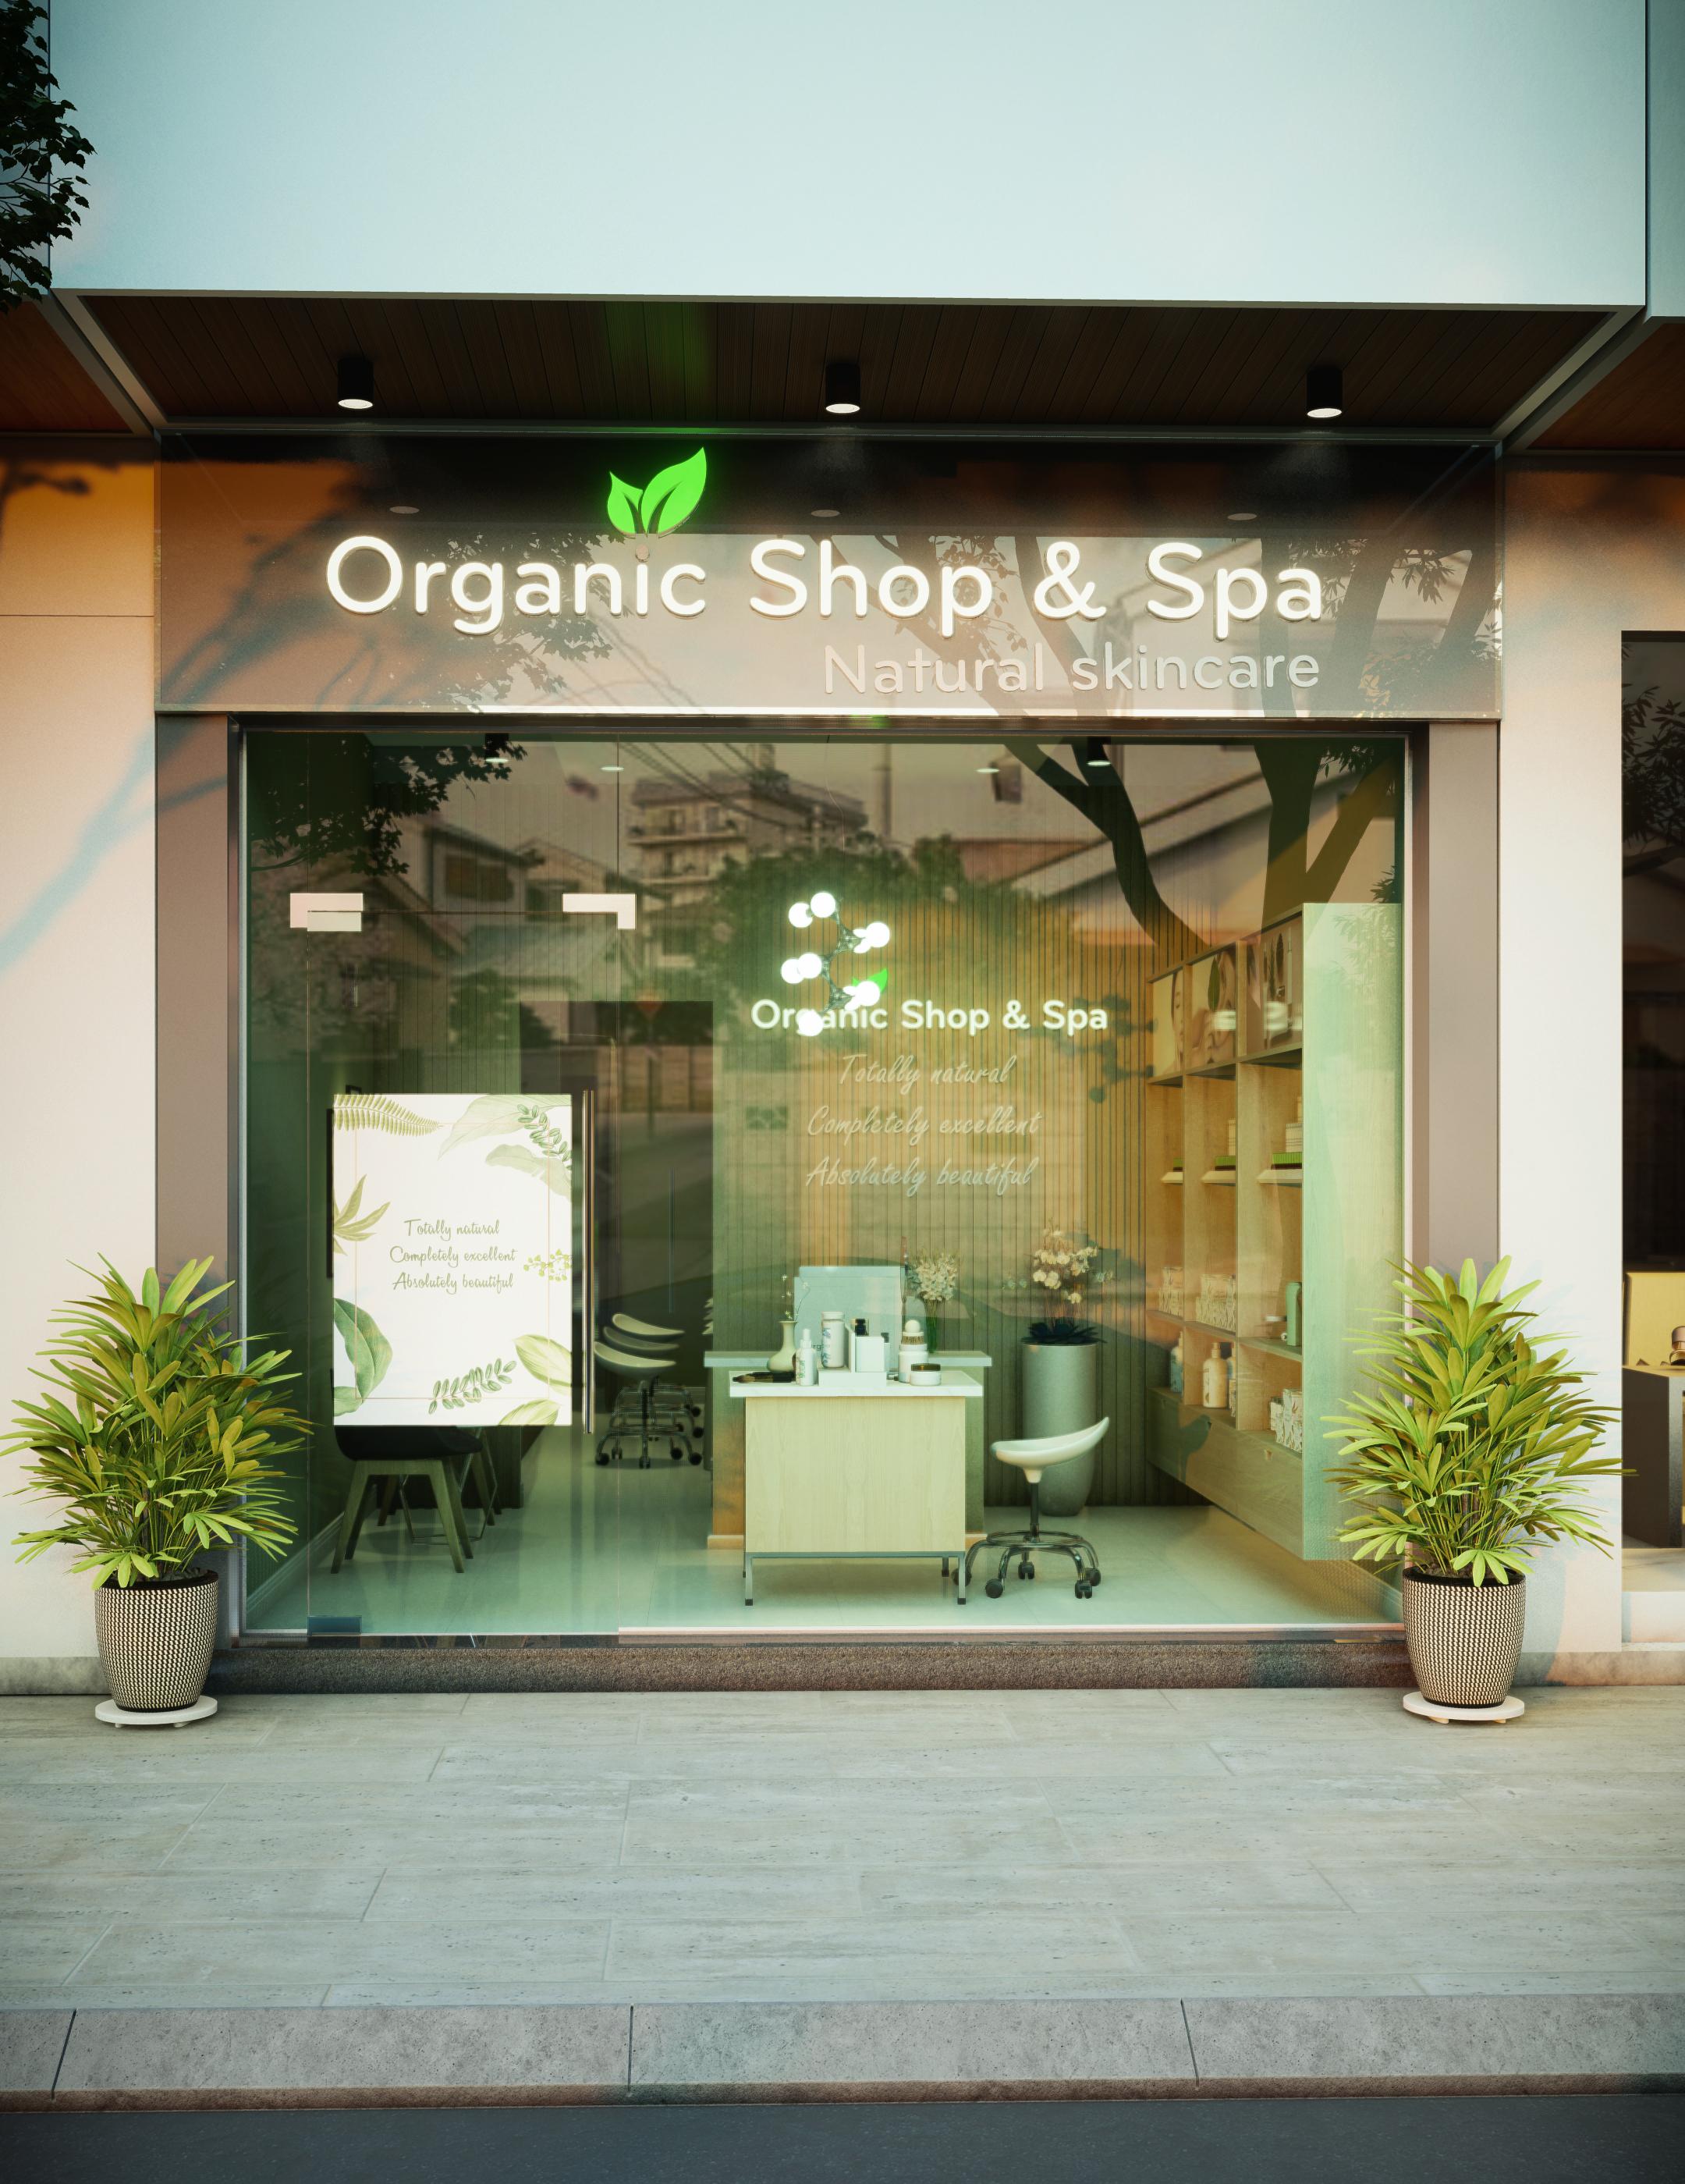 Thiết kế nội thất Spa tại Hồ Chí Minh HCM.MRGIANG-SHOP&SPA 1590203837 11